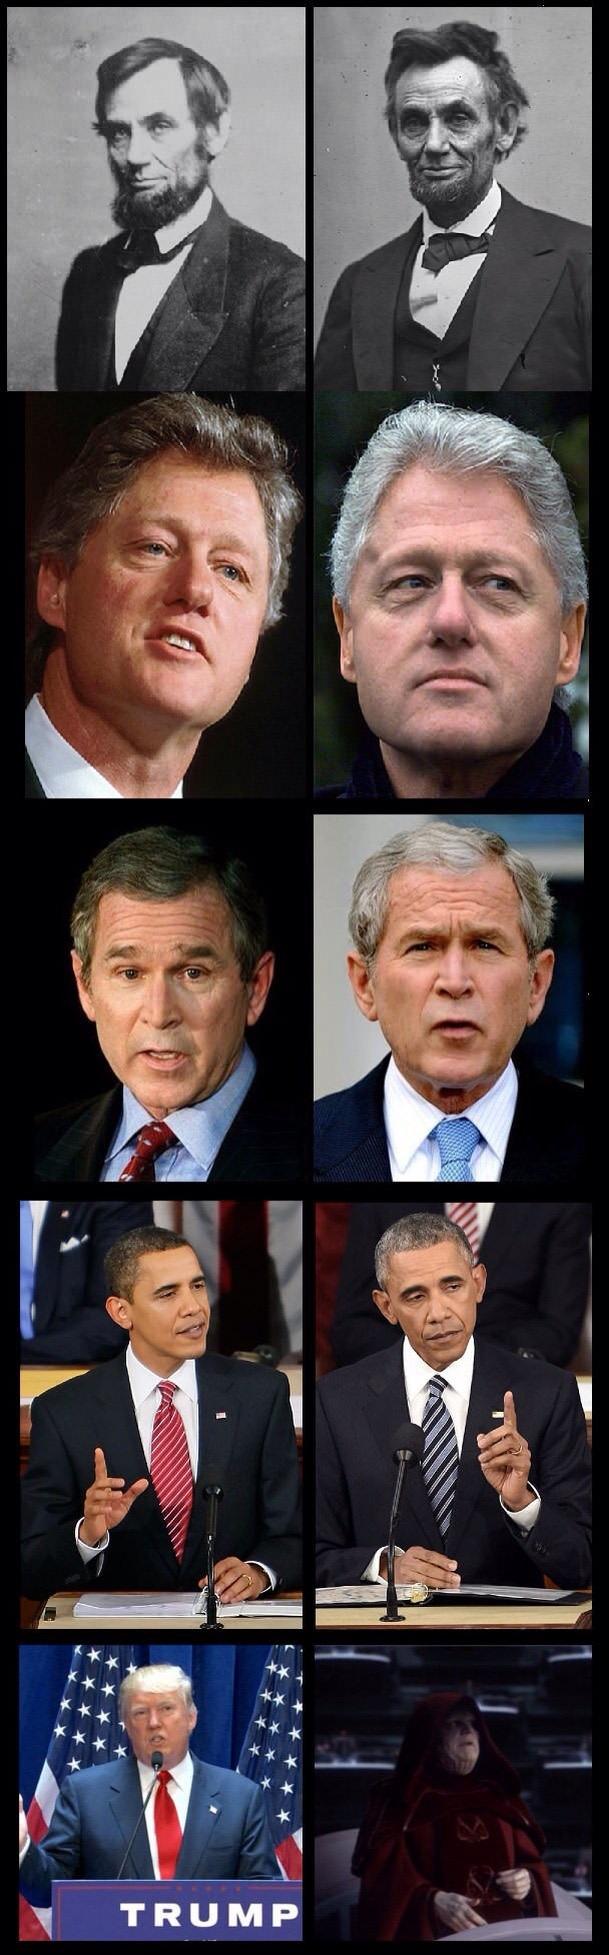 Presidential aging